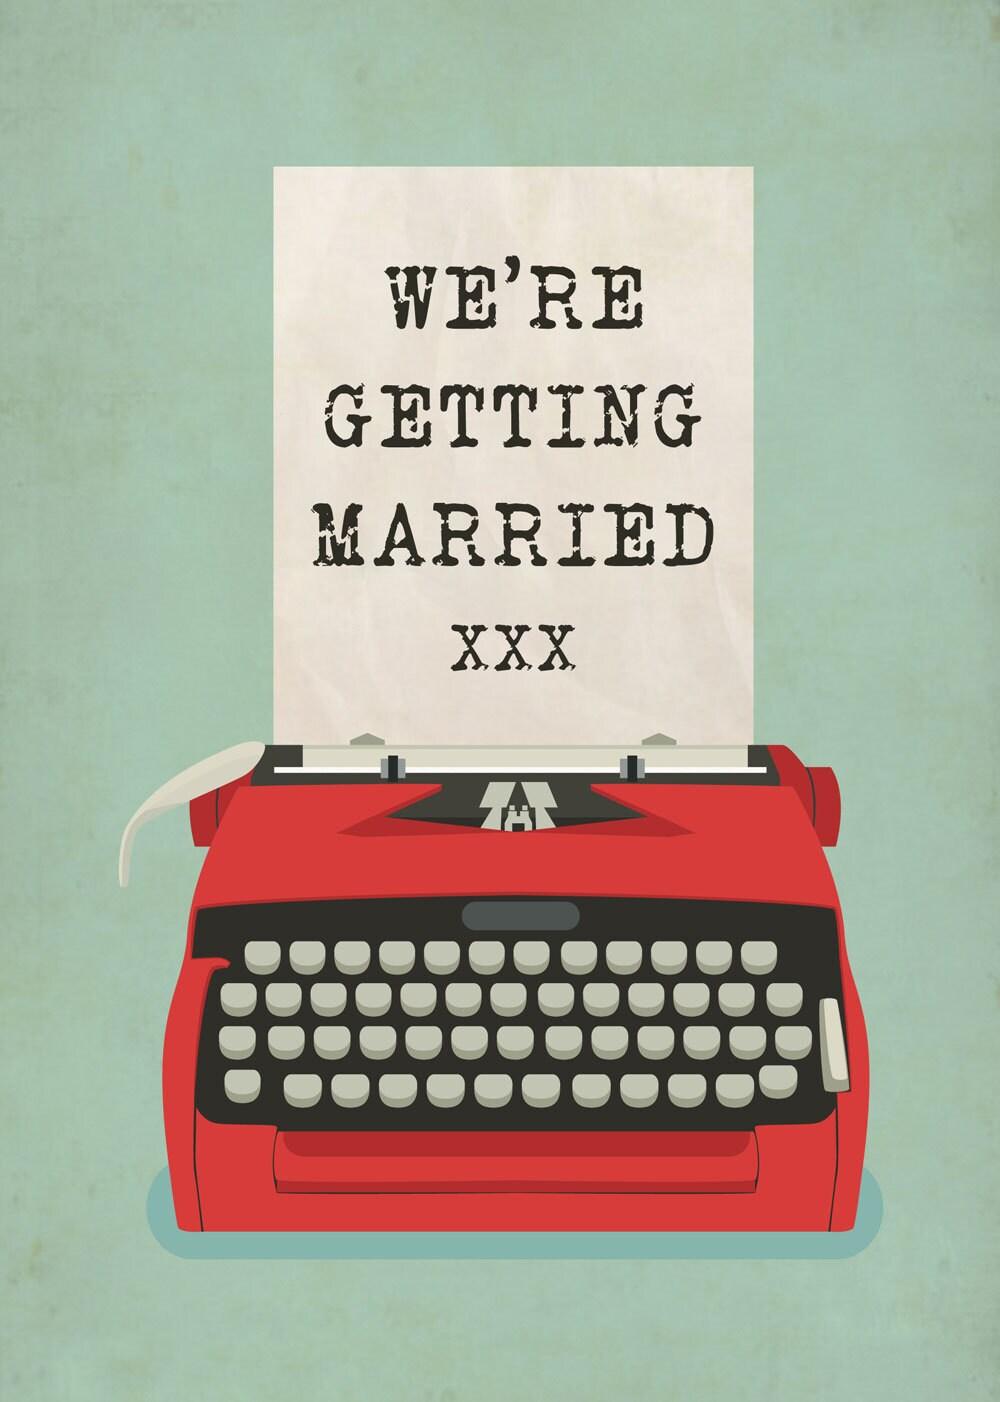 Typewriter themed Vintage Retro Style wedding invitation   Etsy